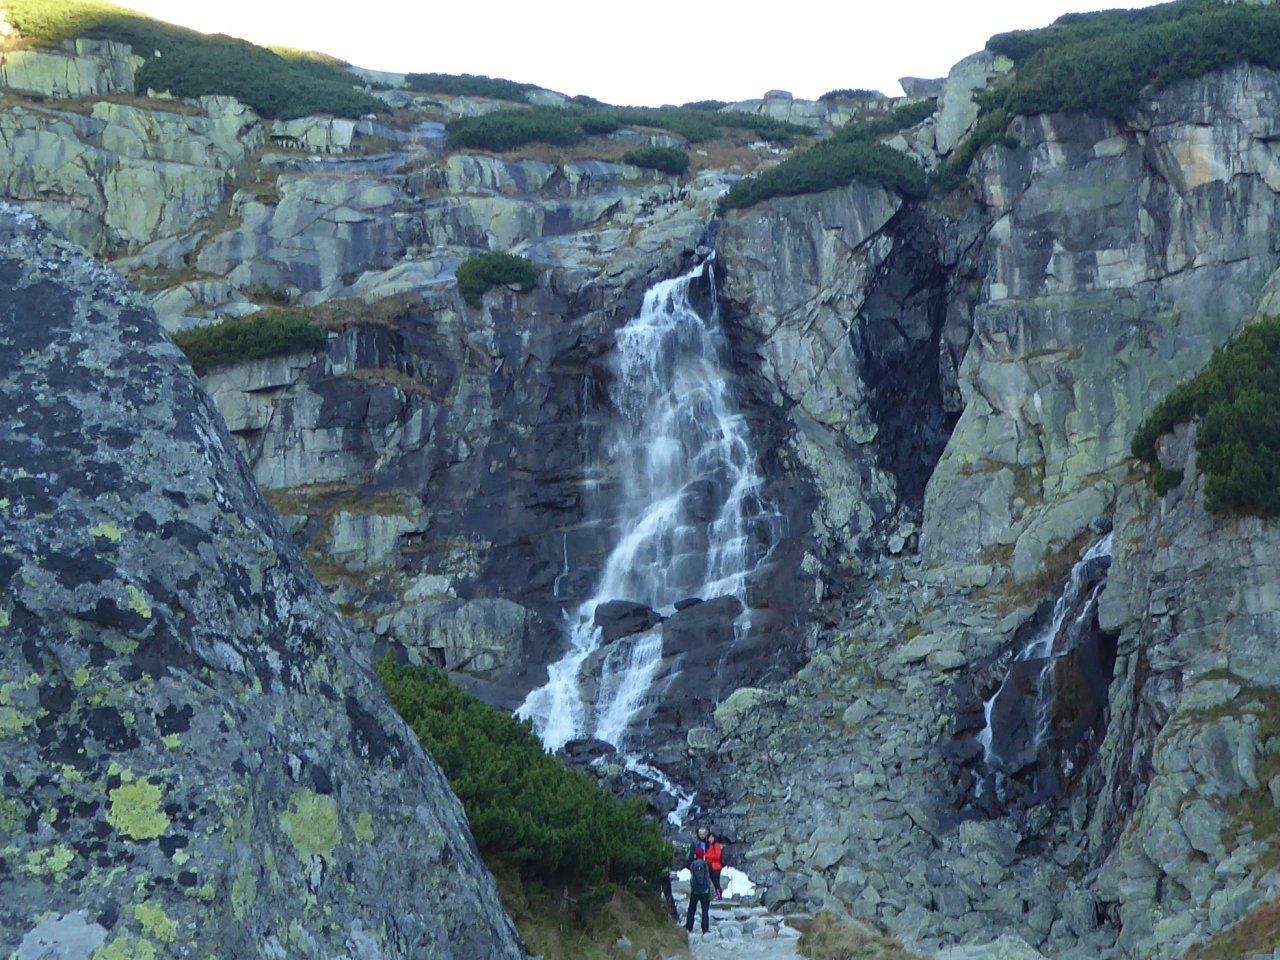 Vodopád Skok, Mlynická dolina, Vysoké Tatry, Slovensko